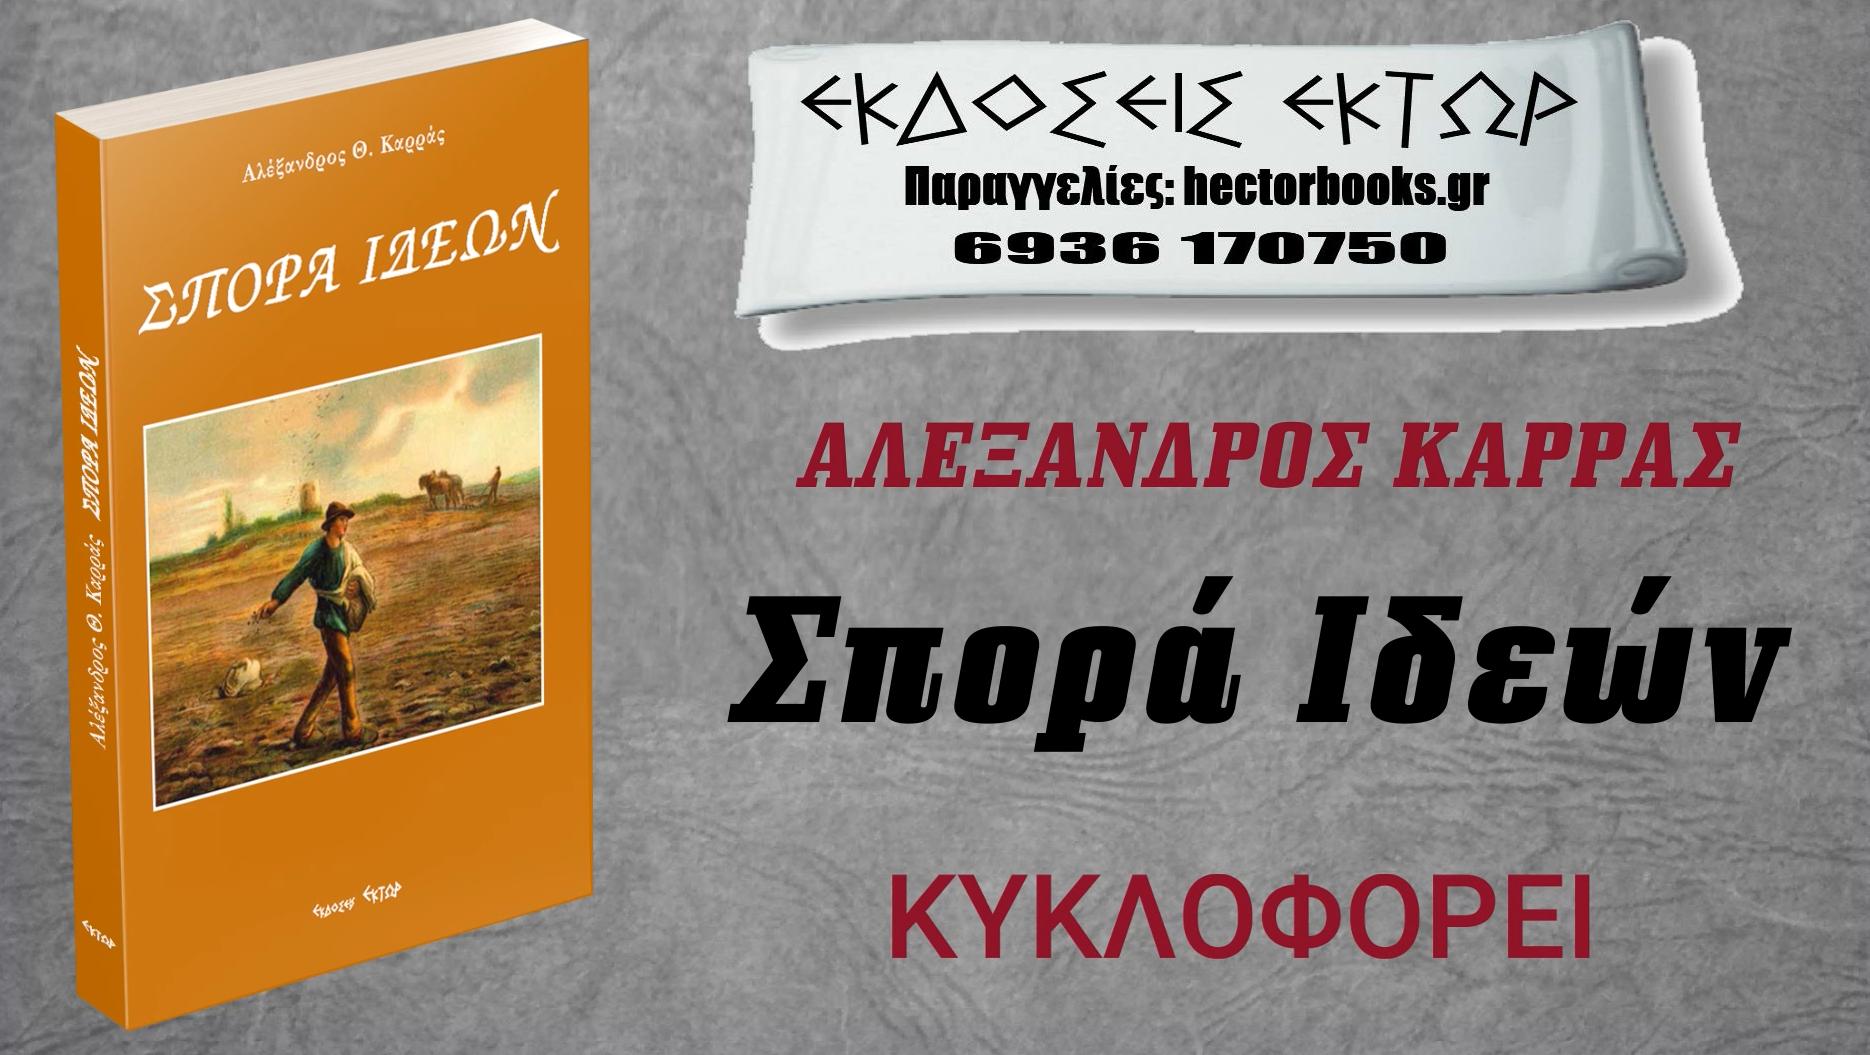 Ένα γράμμα για τη «Σπορά Ιδεών» του Αλέξανδρου Καρρά